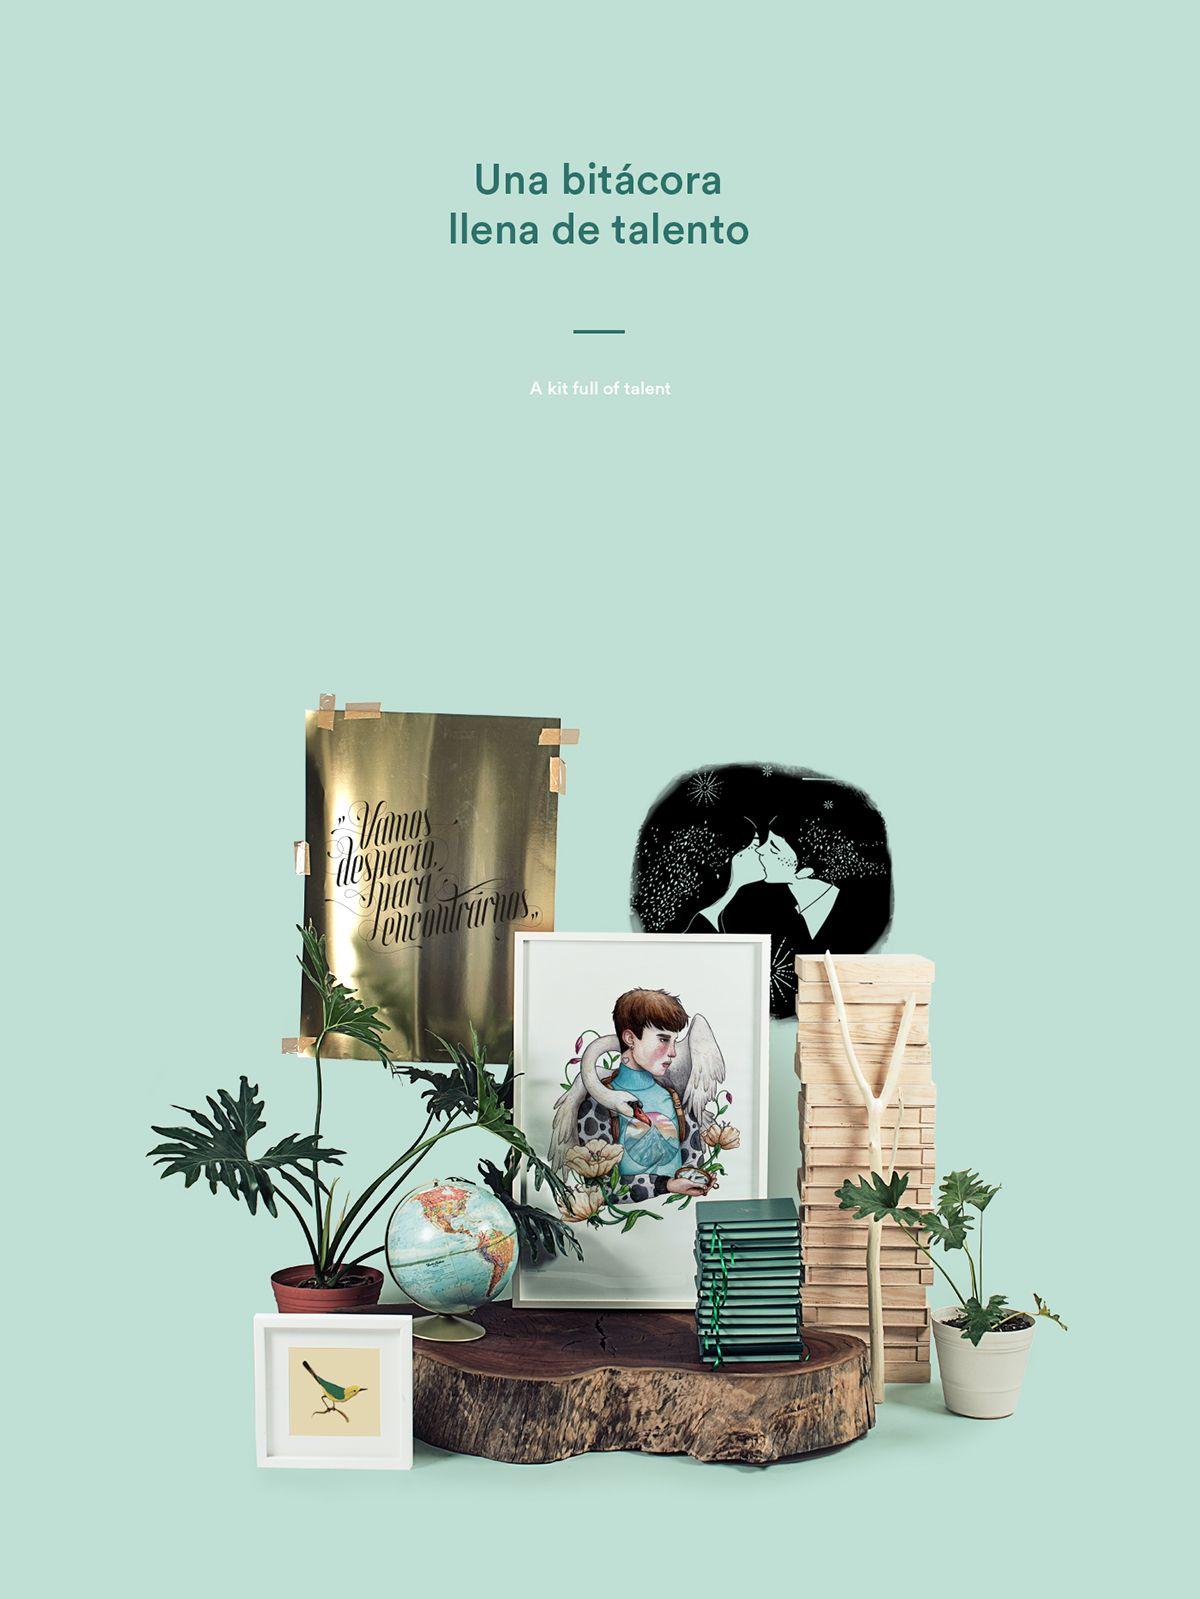 La Bitácora de Viajero - No.2 on Branding Served